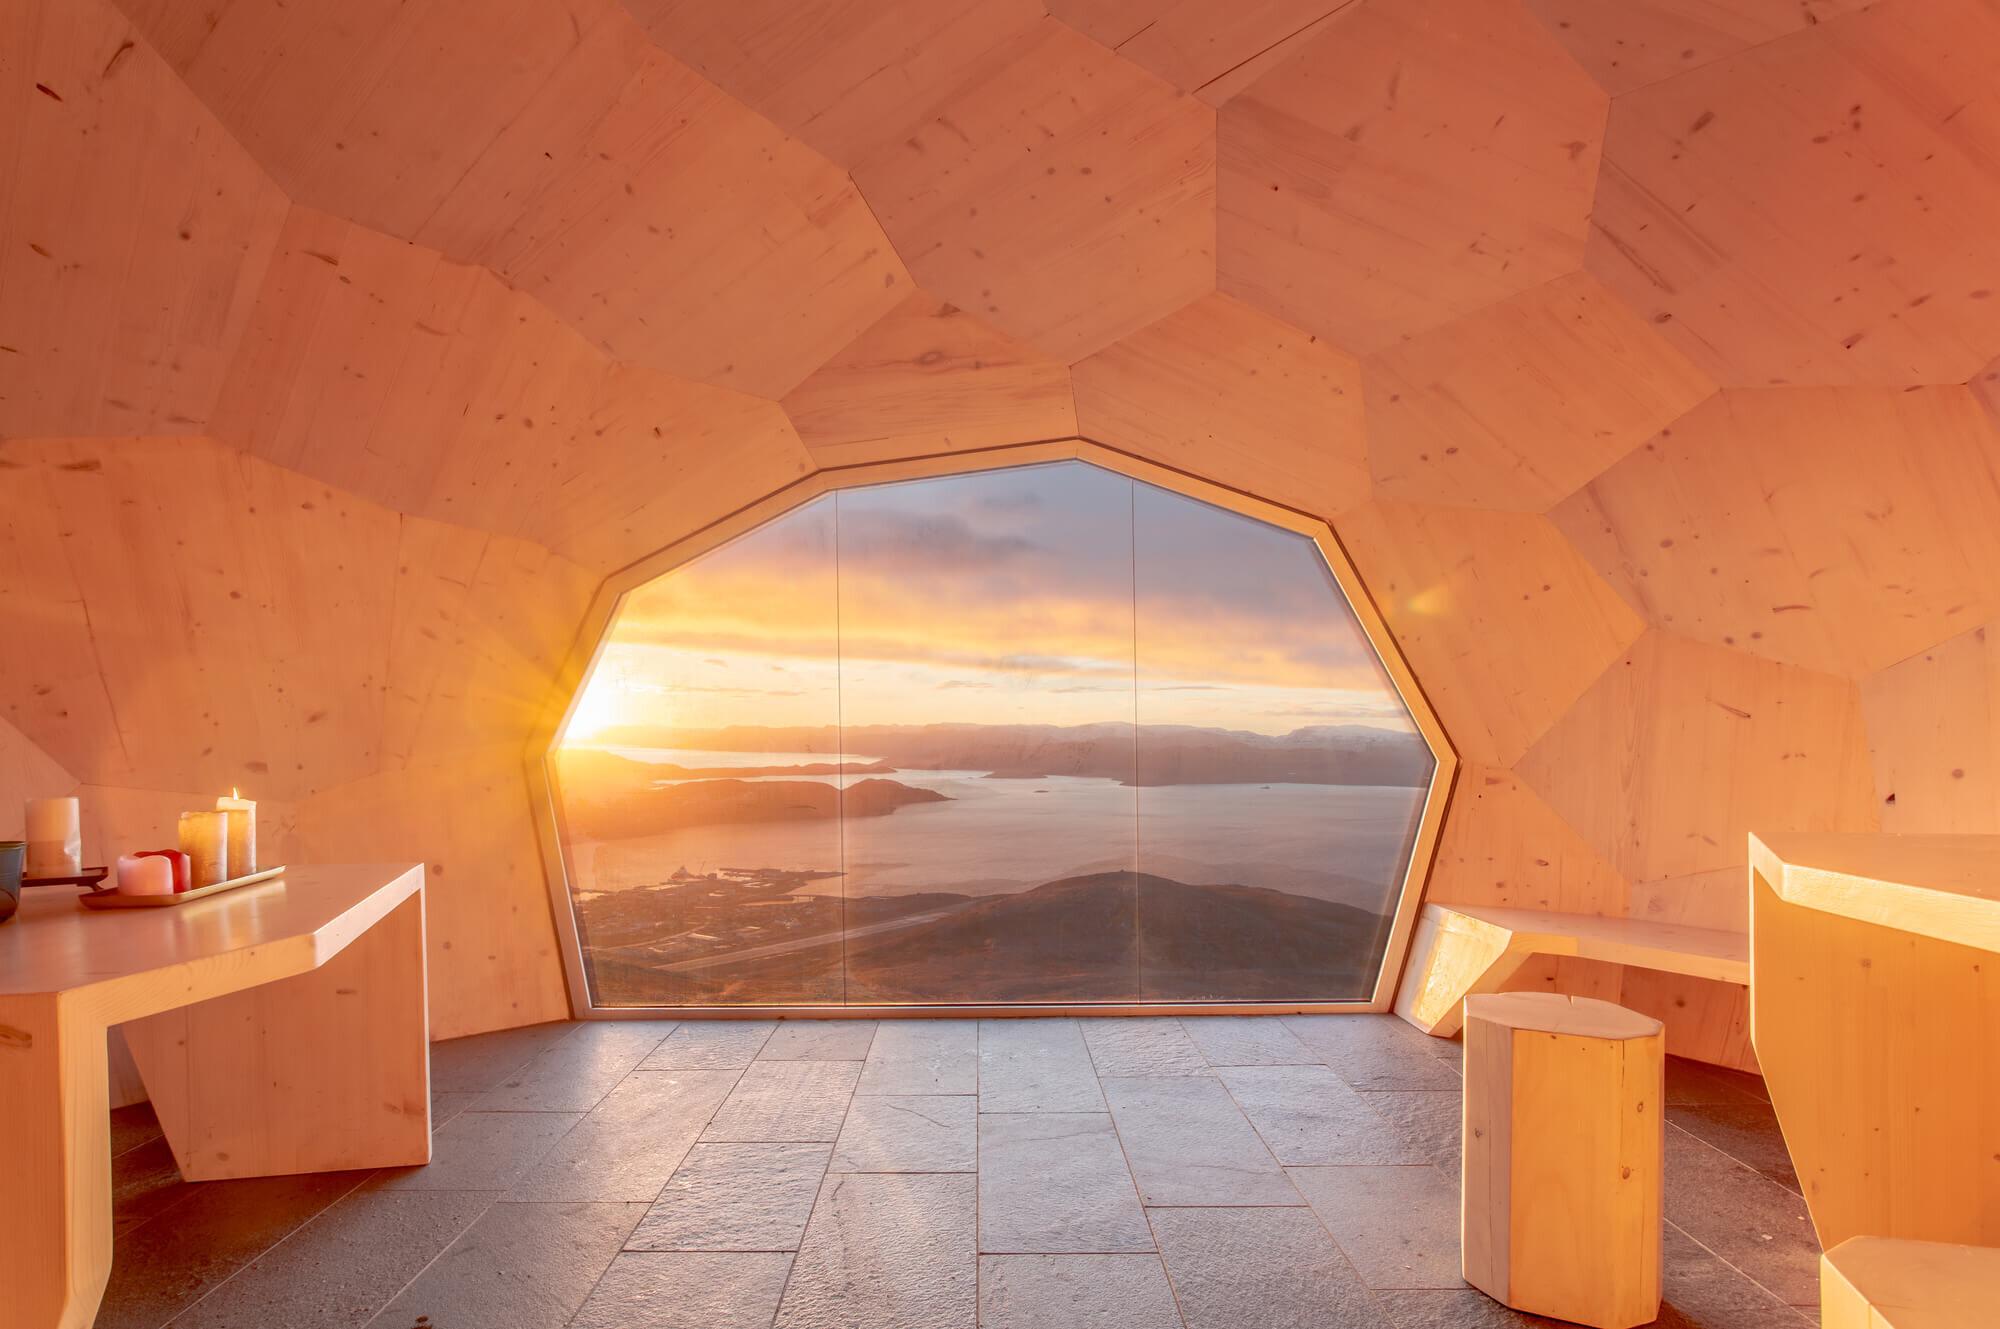 Hammerfest-Hiking-Cabins-SPINN-Arkitekter-Norway-3